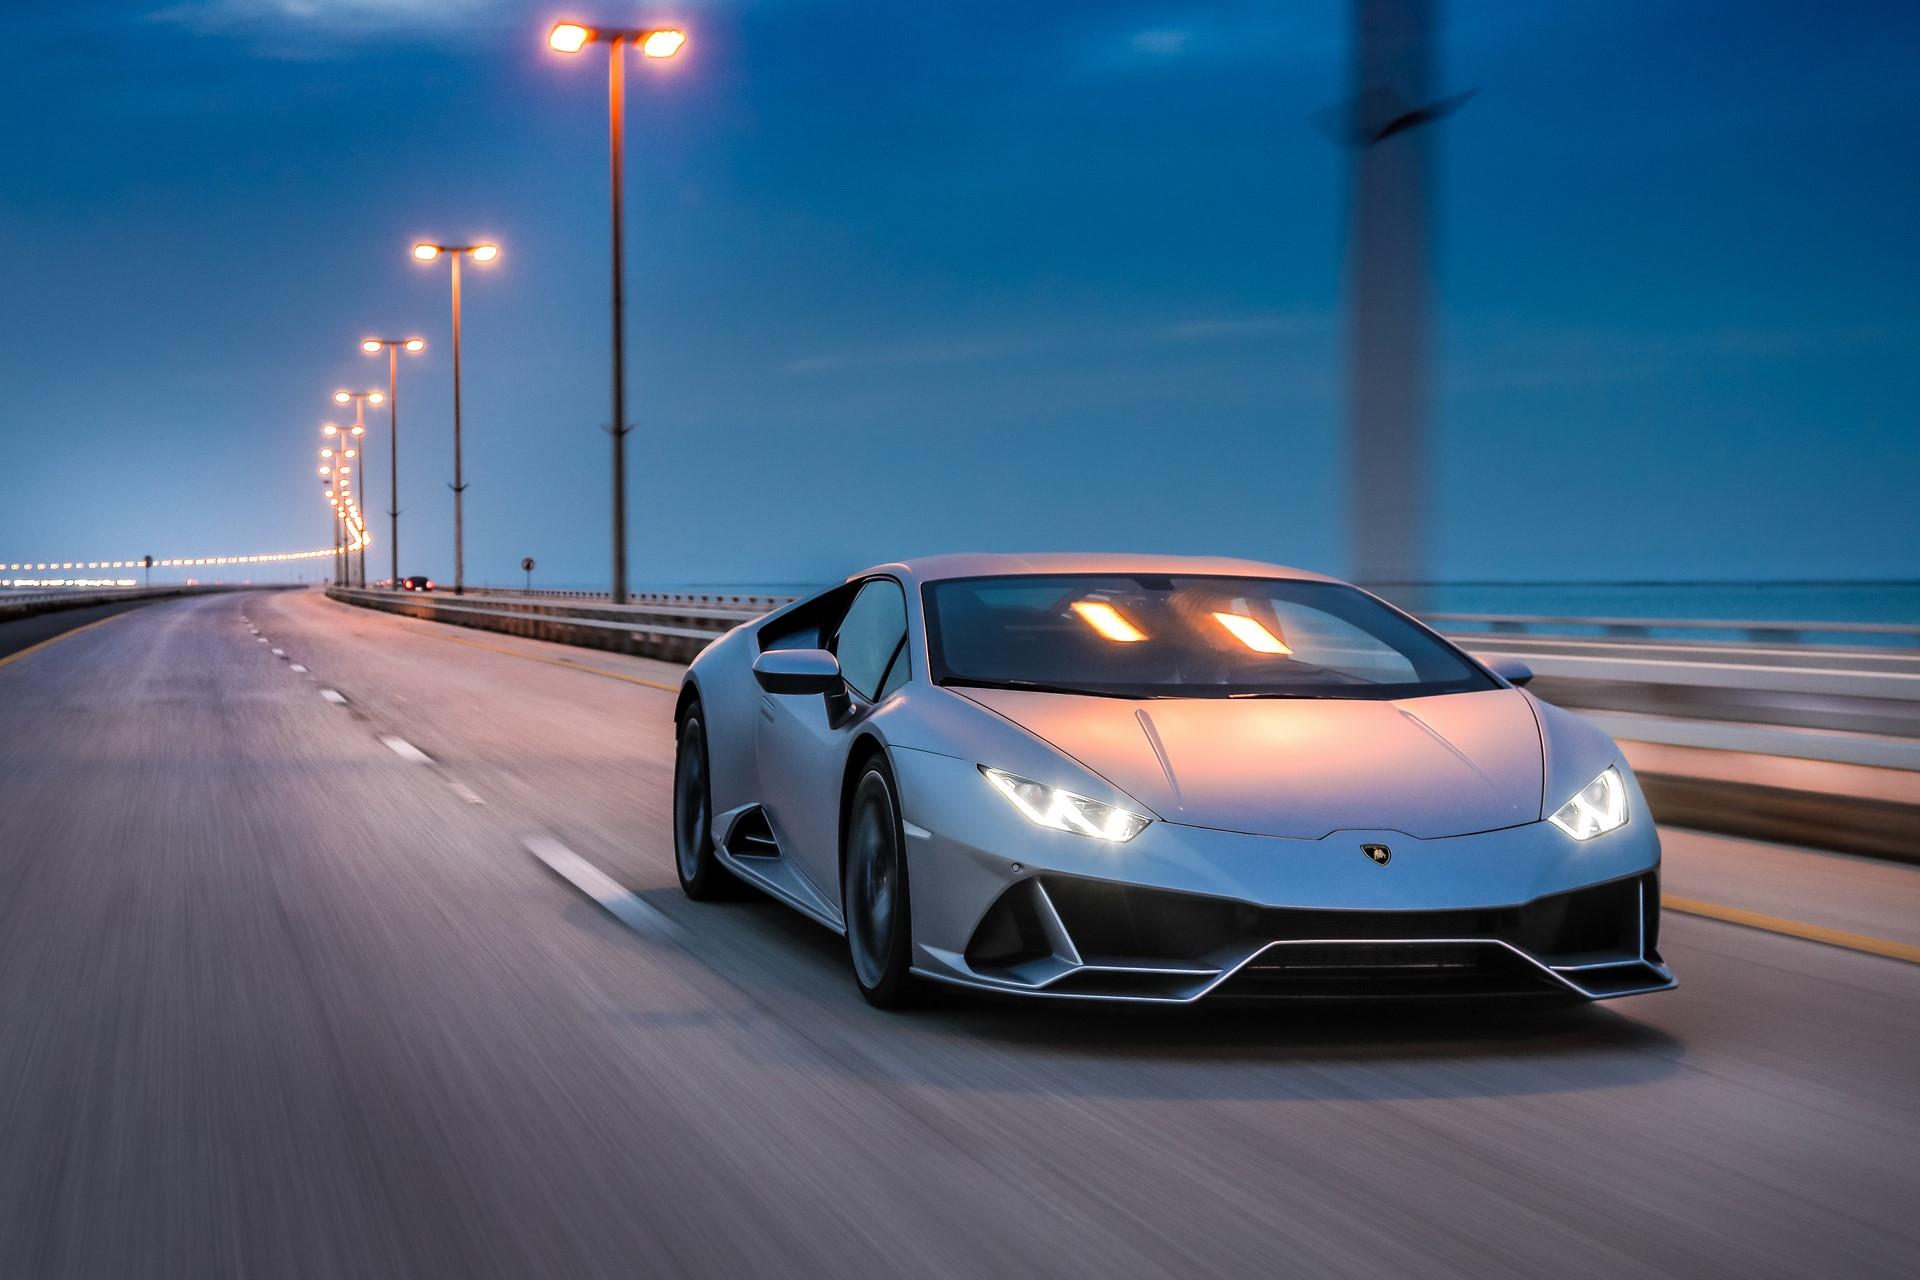 Lamborghini Huracan Evo 2019 (11)